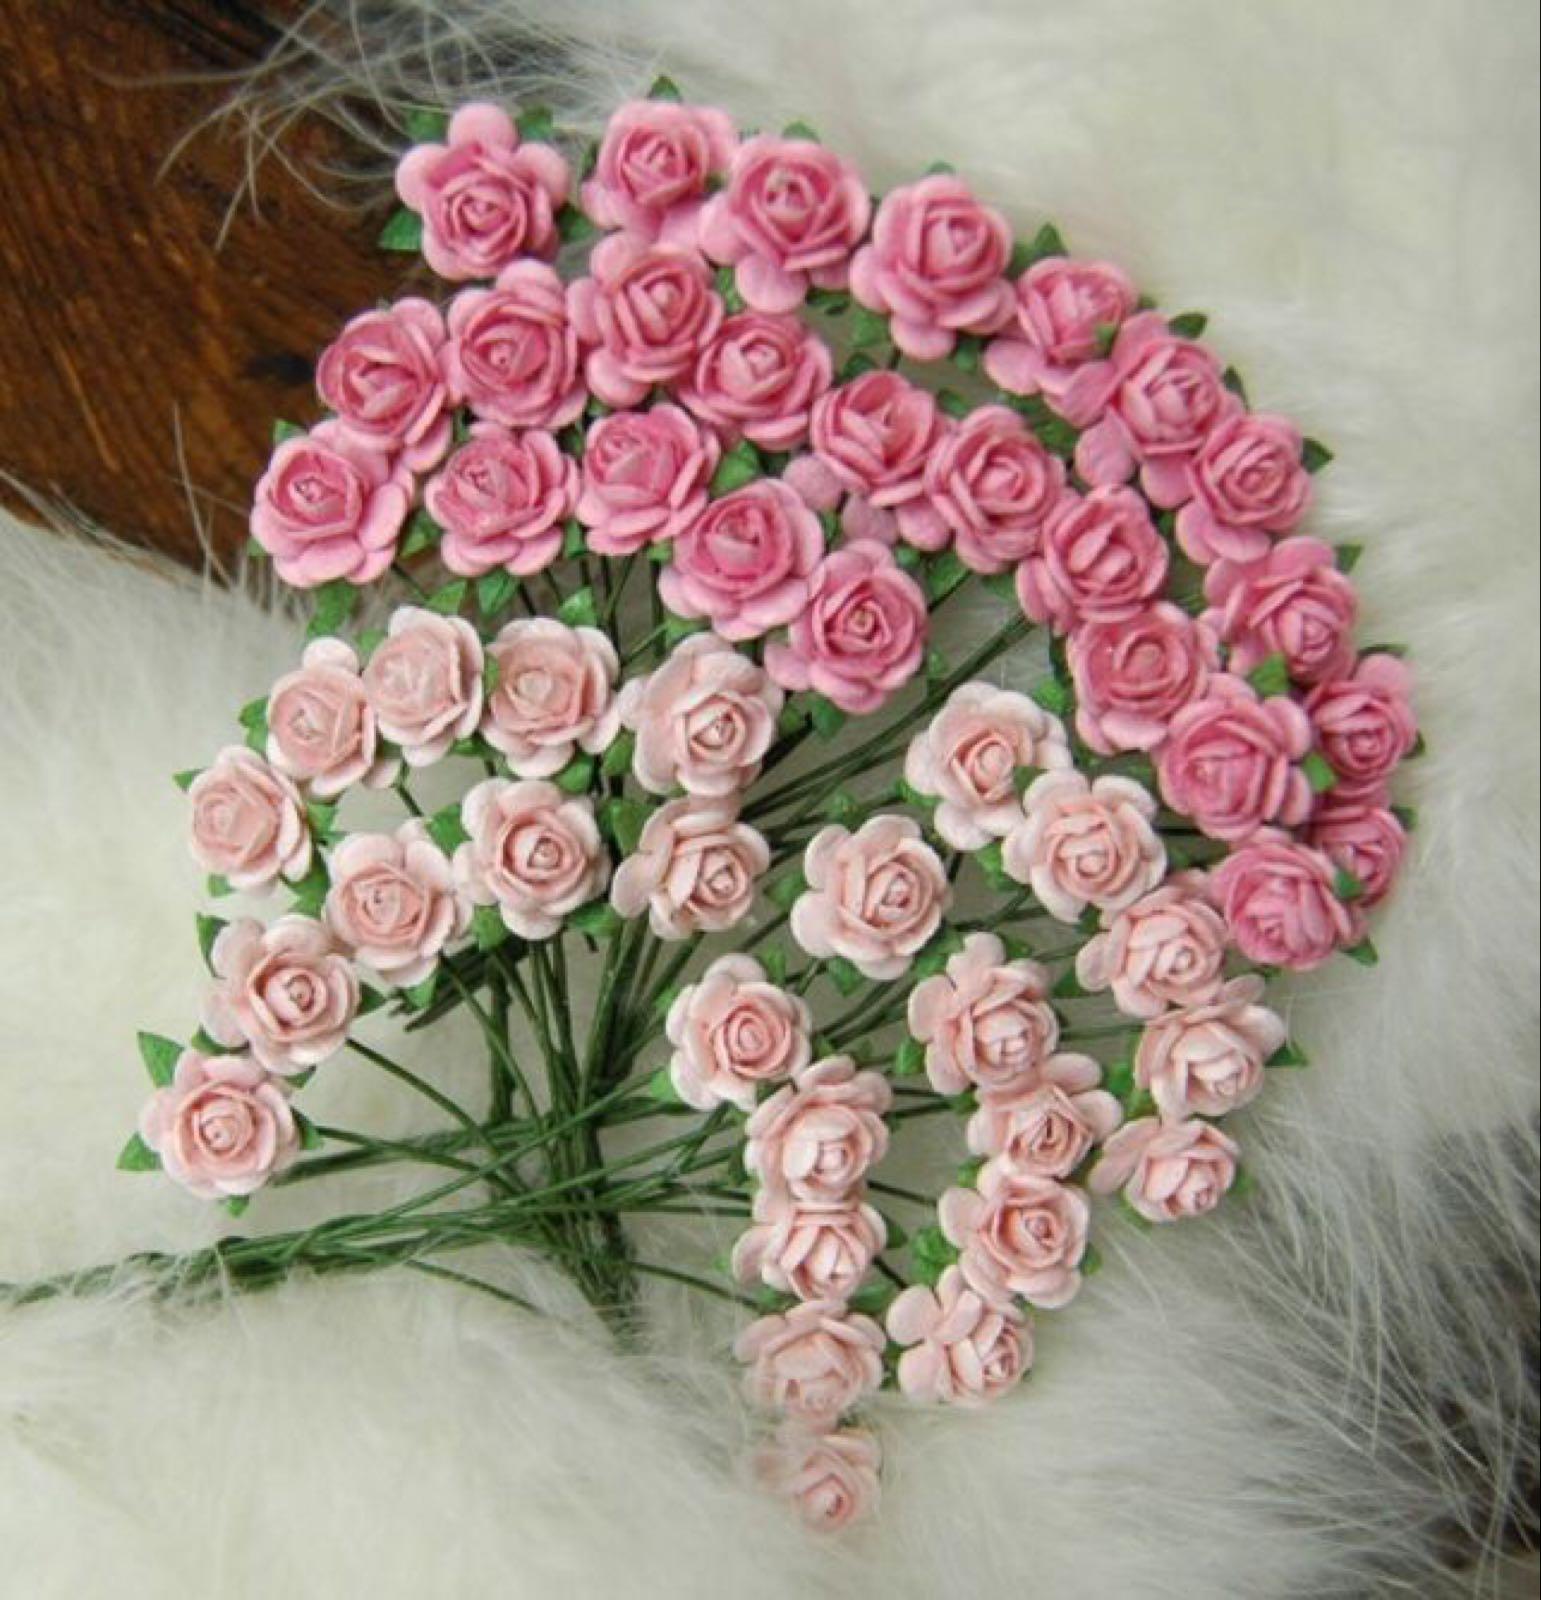 Papirdesign blomster, roser vintage babyrosa/ rosa , 1,2cm. 50 stk pr pk.